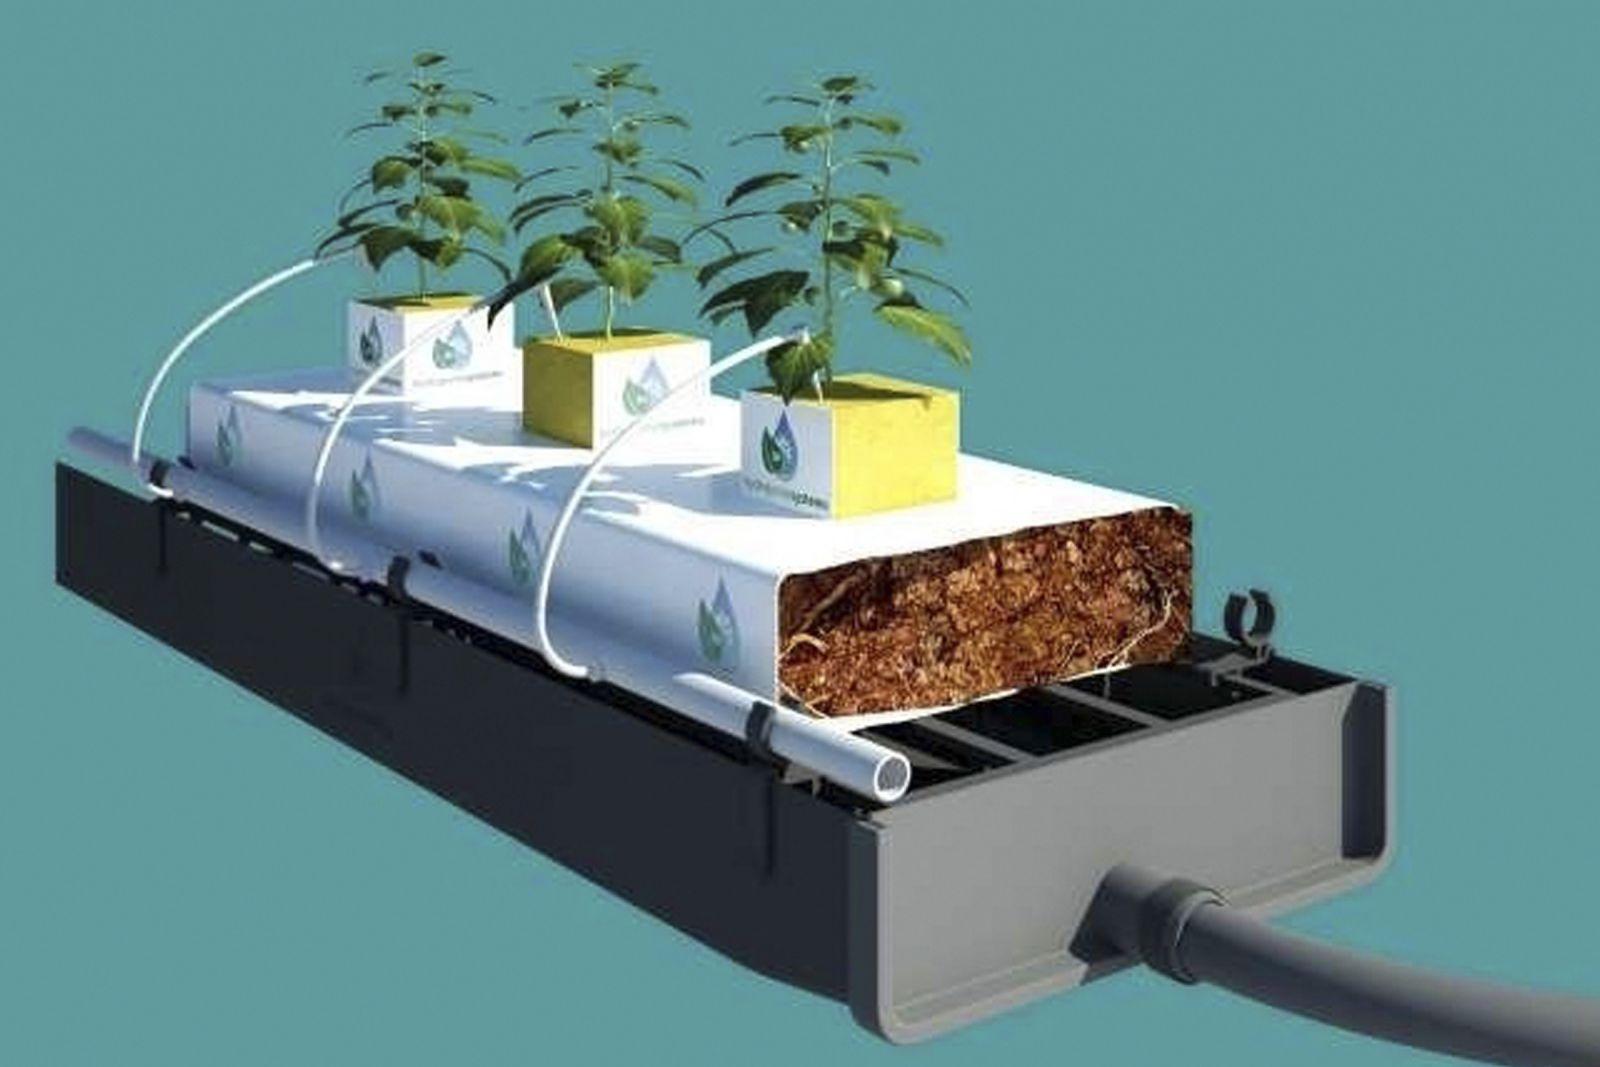 Zber drenážnej vody z/do PVC potrubia/kanalizácie pre skleník alebo fóliovník